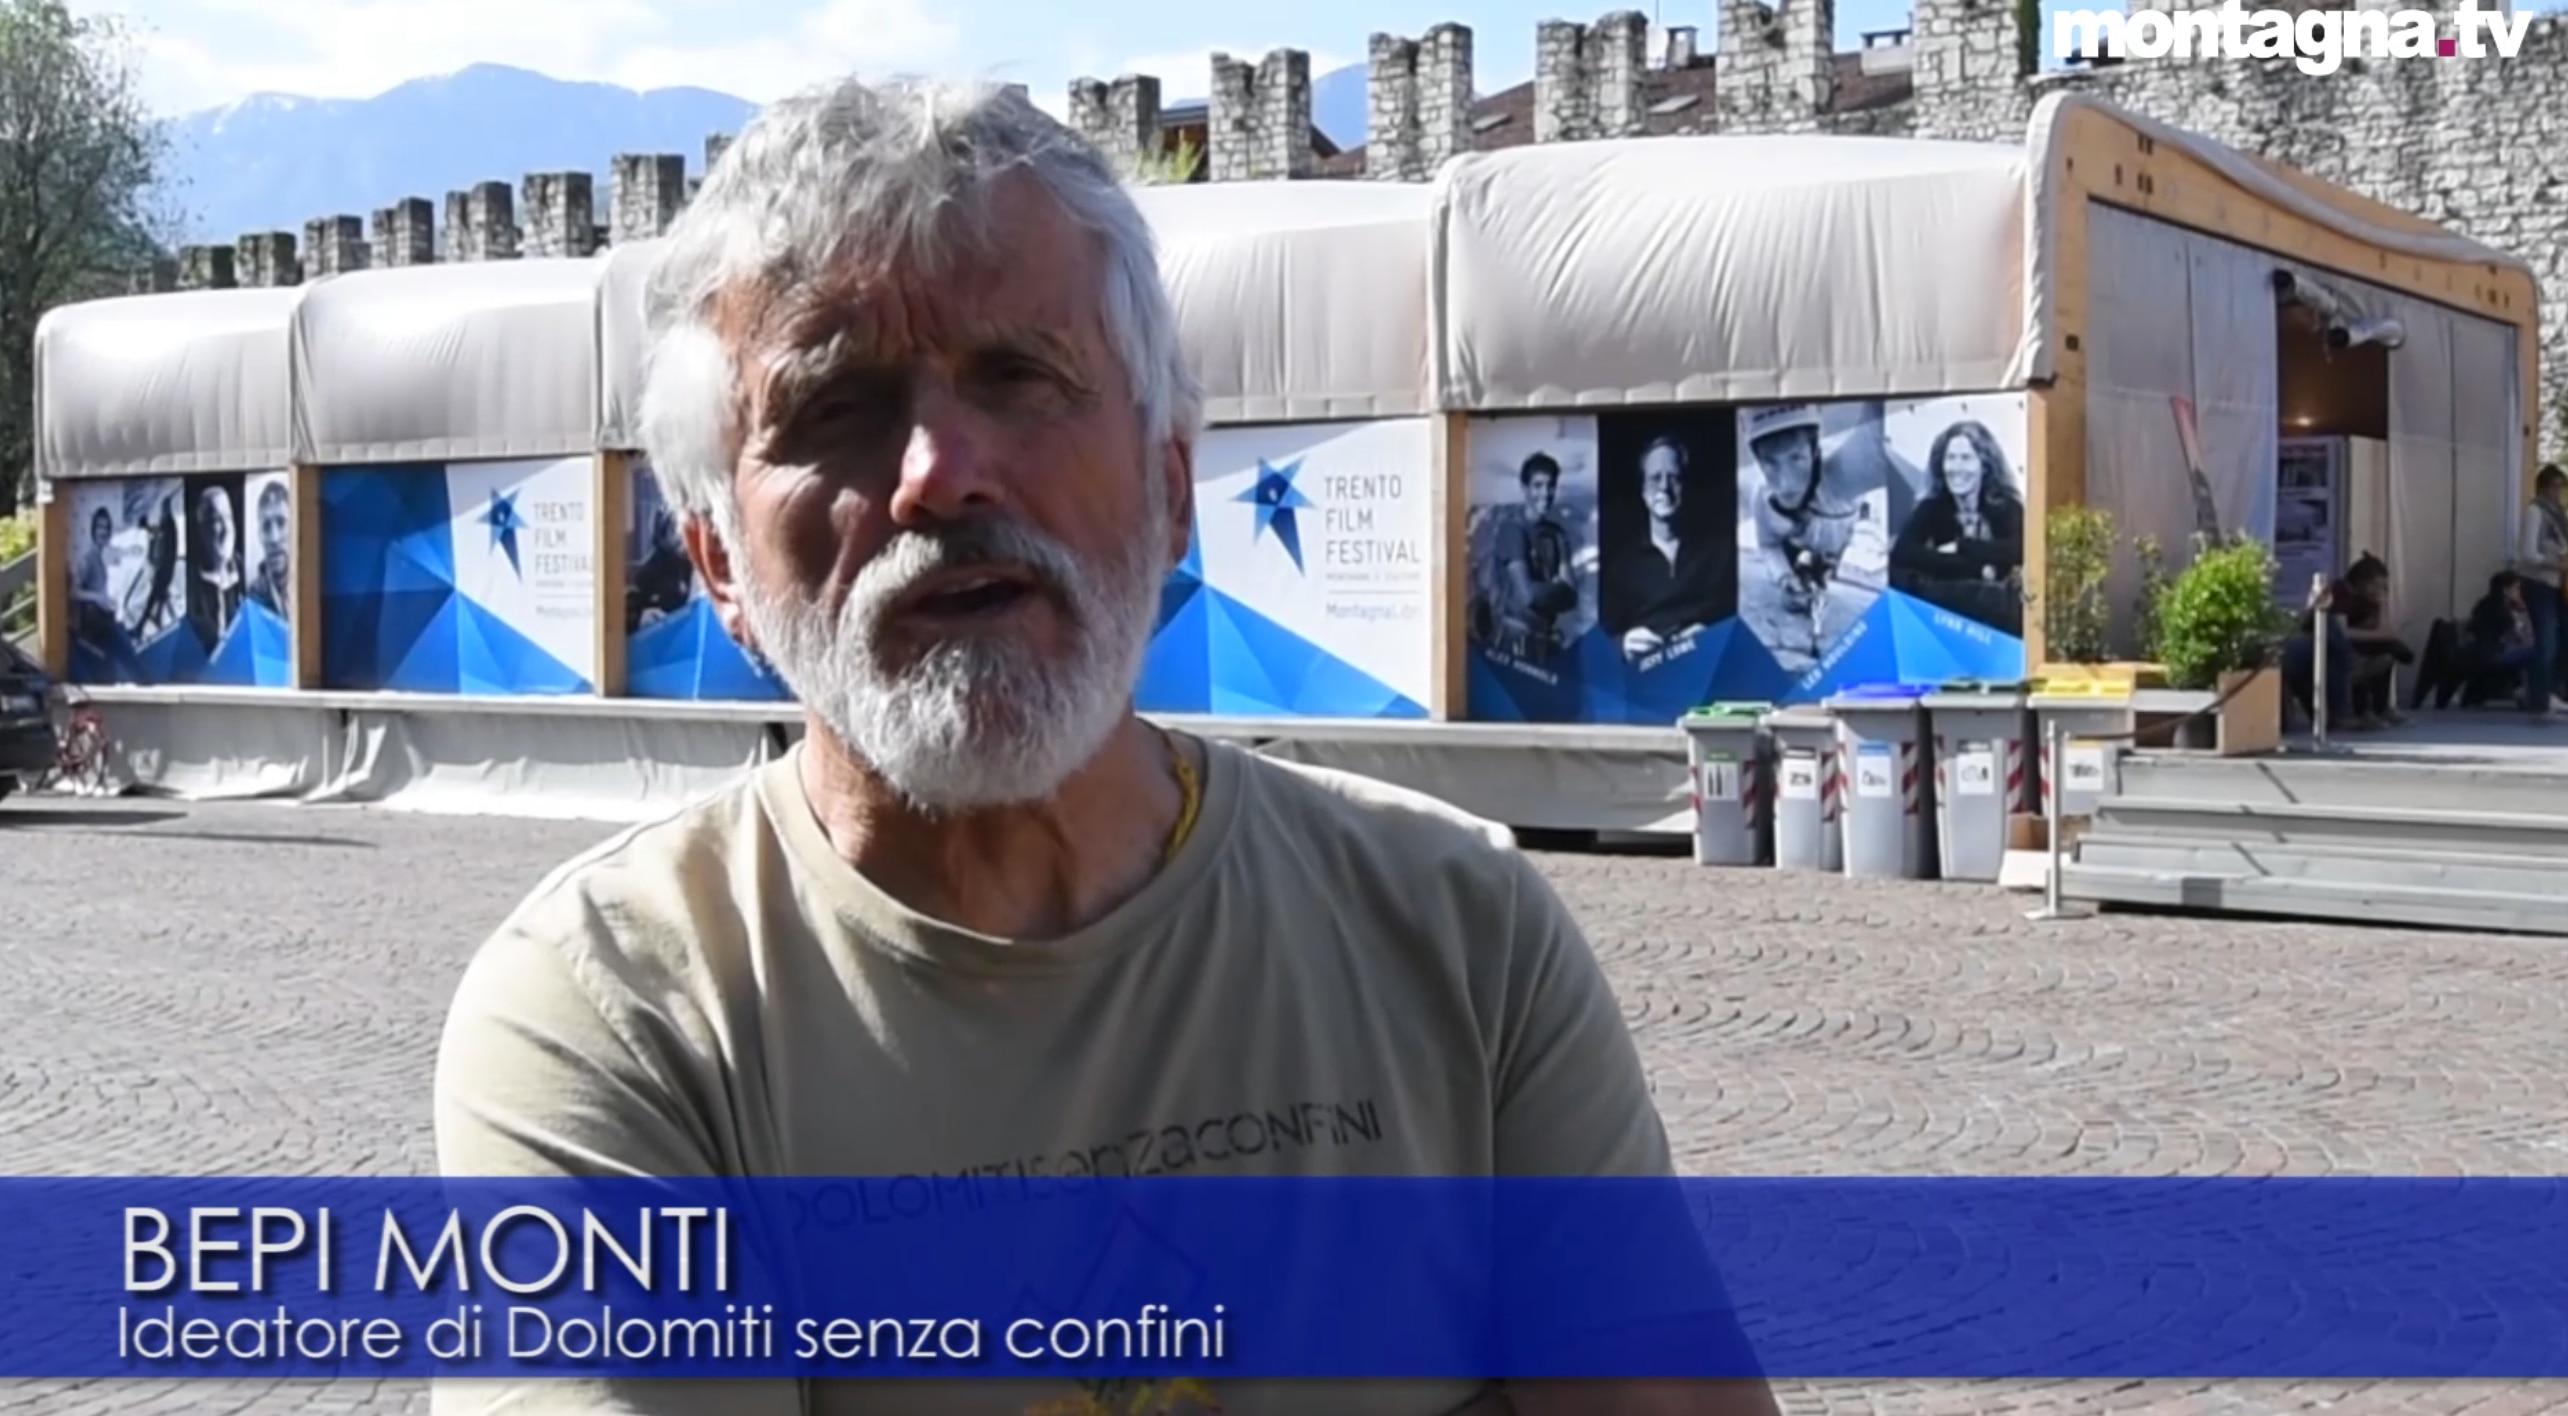 Photo of Dolomiti senza confini, video intervista a Bepi Monti